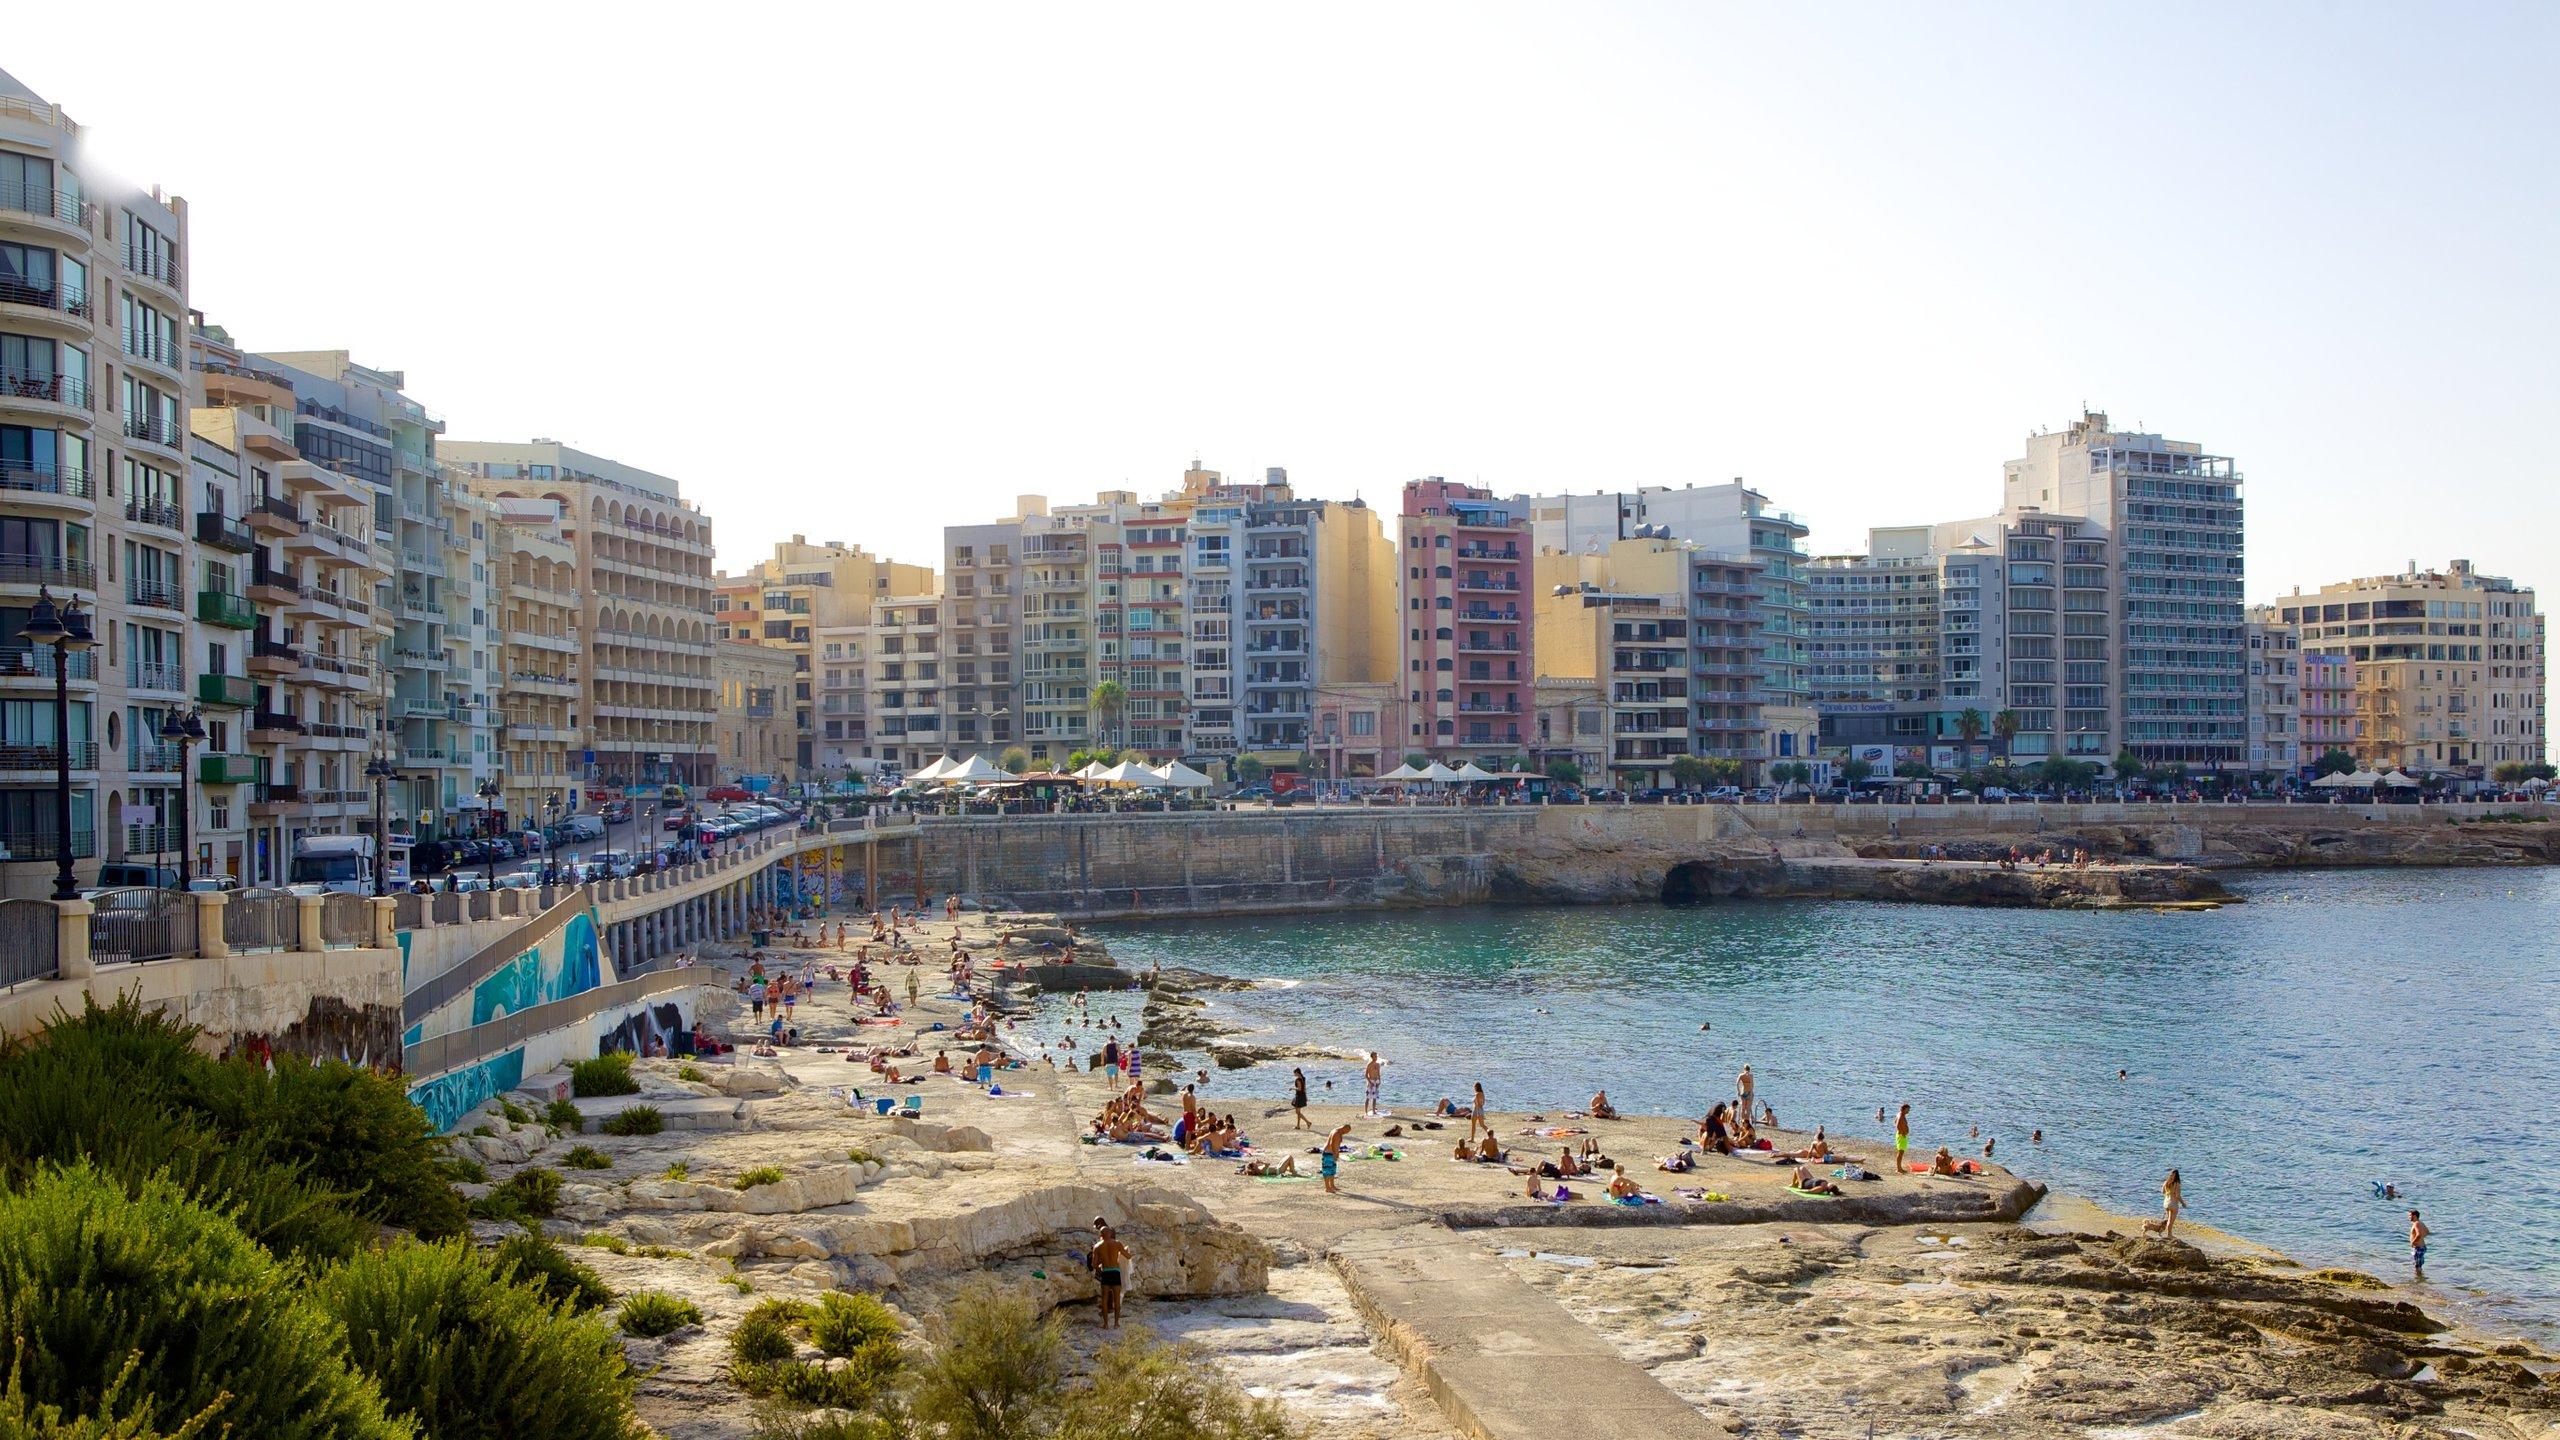 Sliema, Central Region, Malta